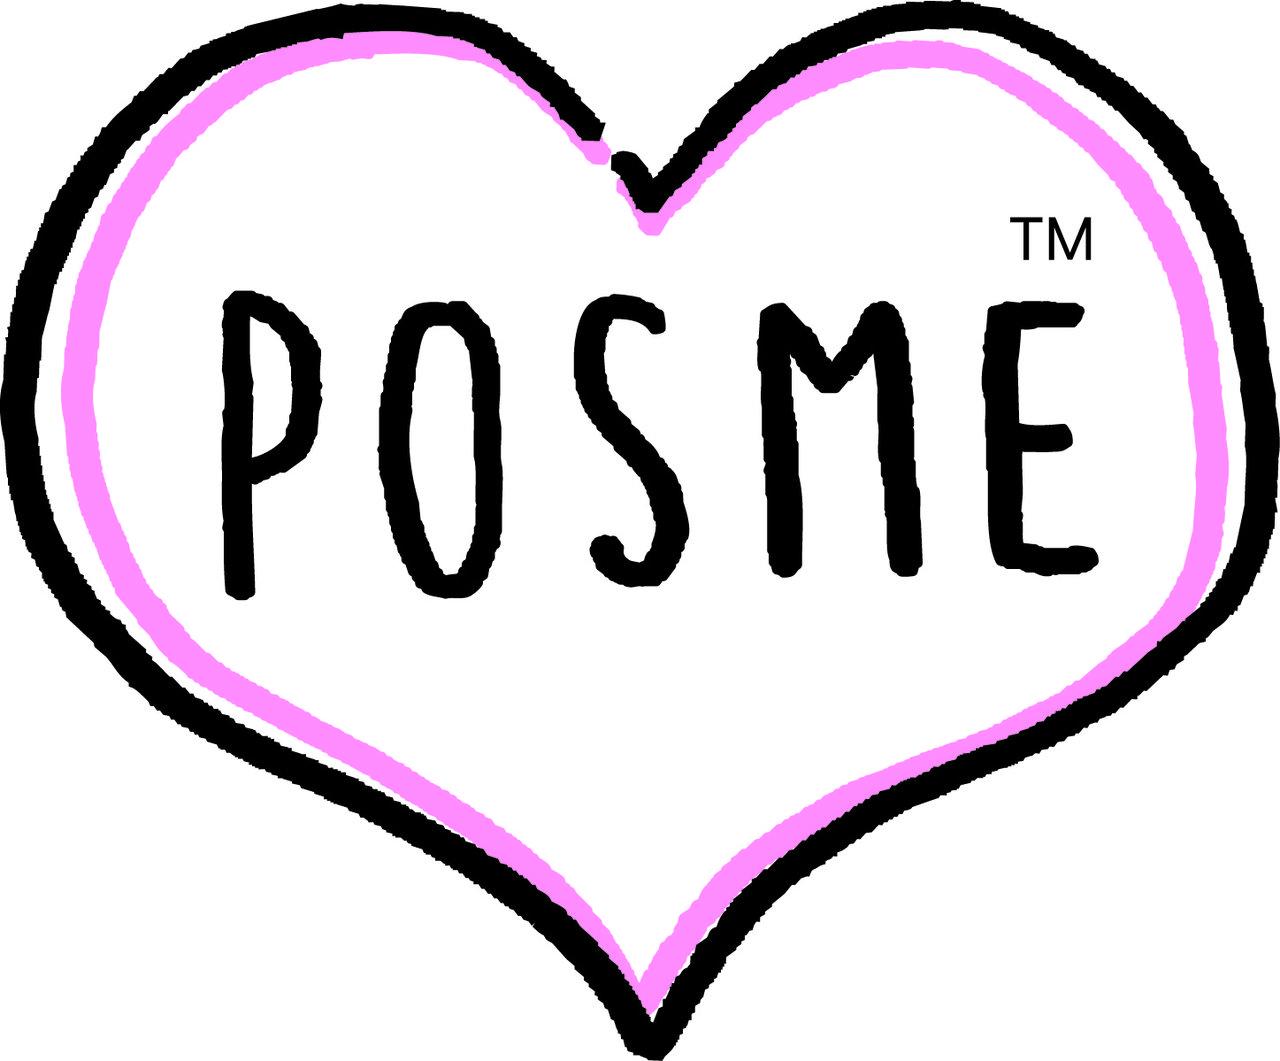 ポスメ POSME 資生堂 2018春 新プロジェクト ロゴマーク